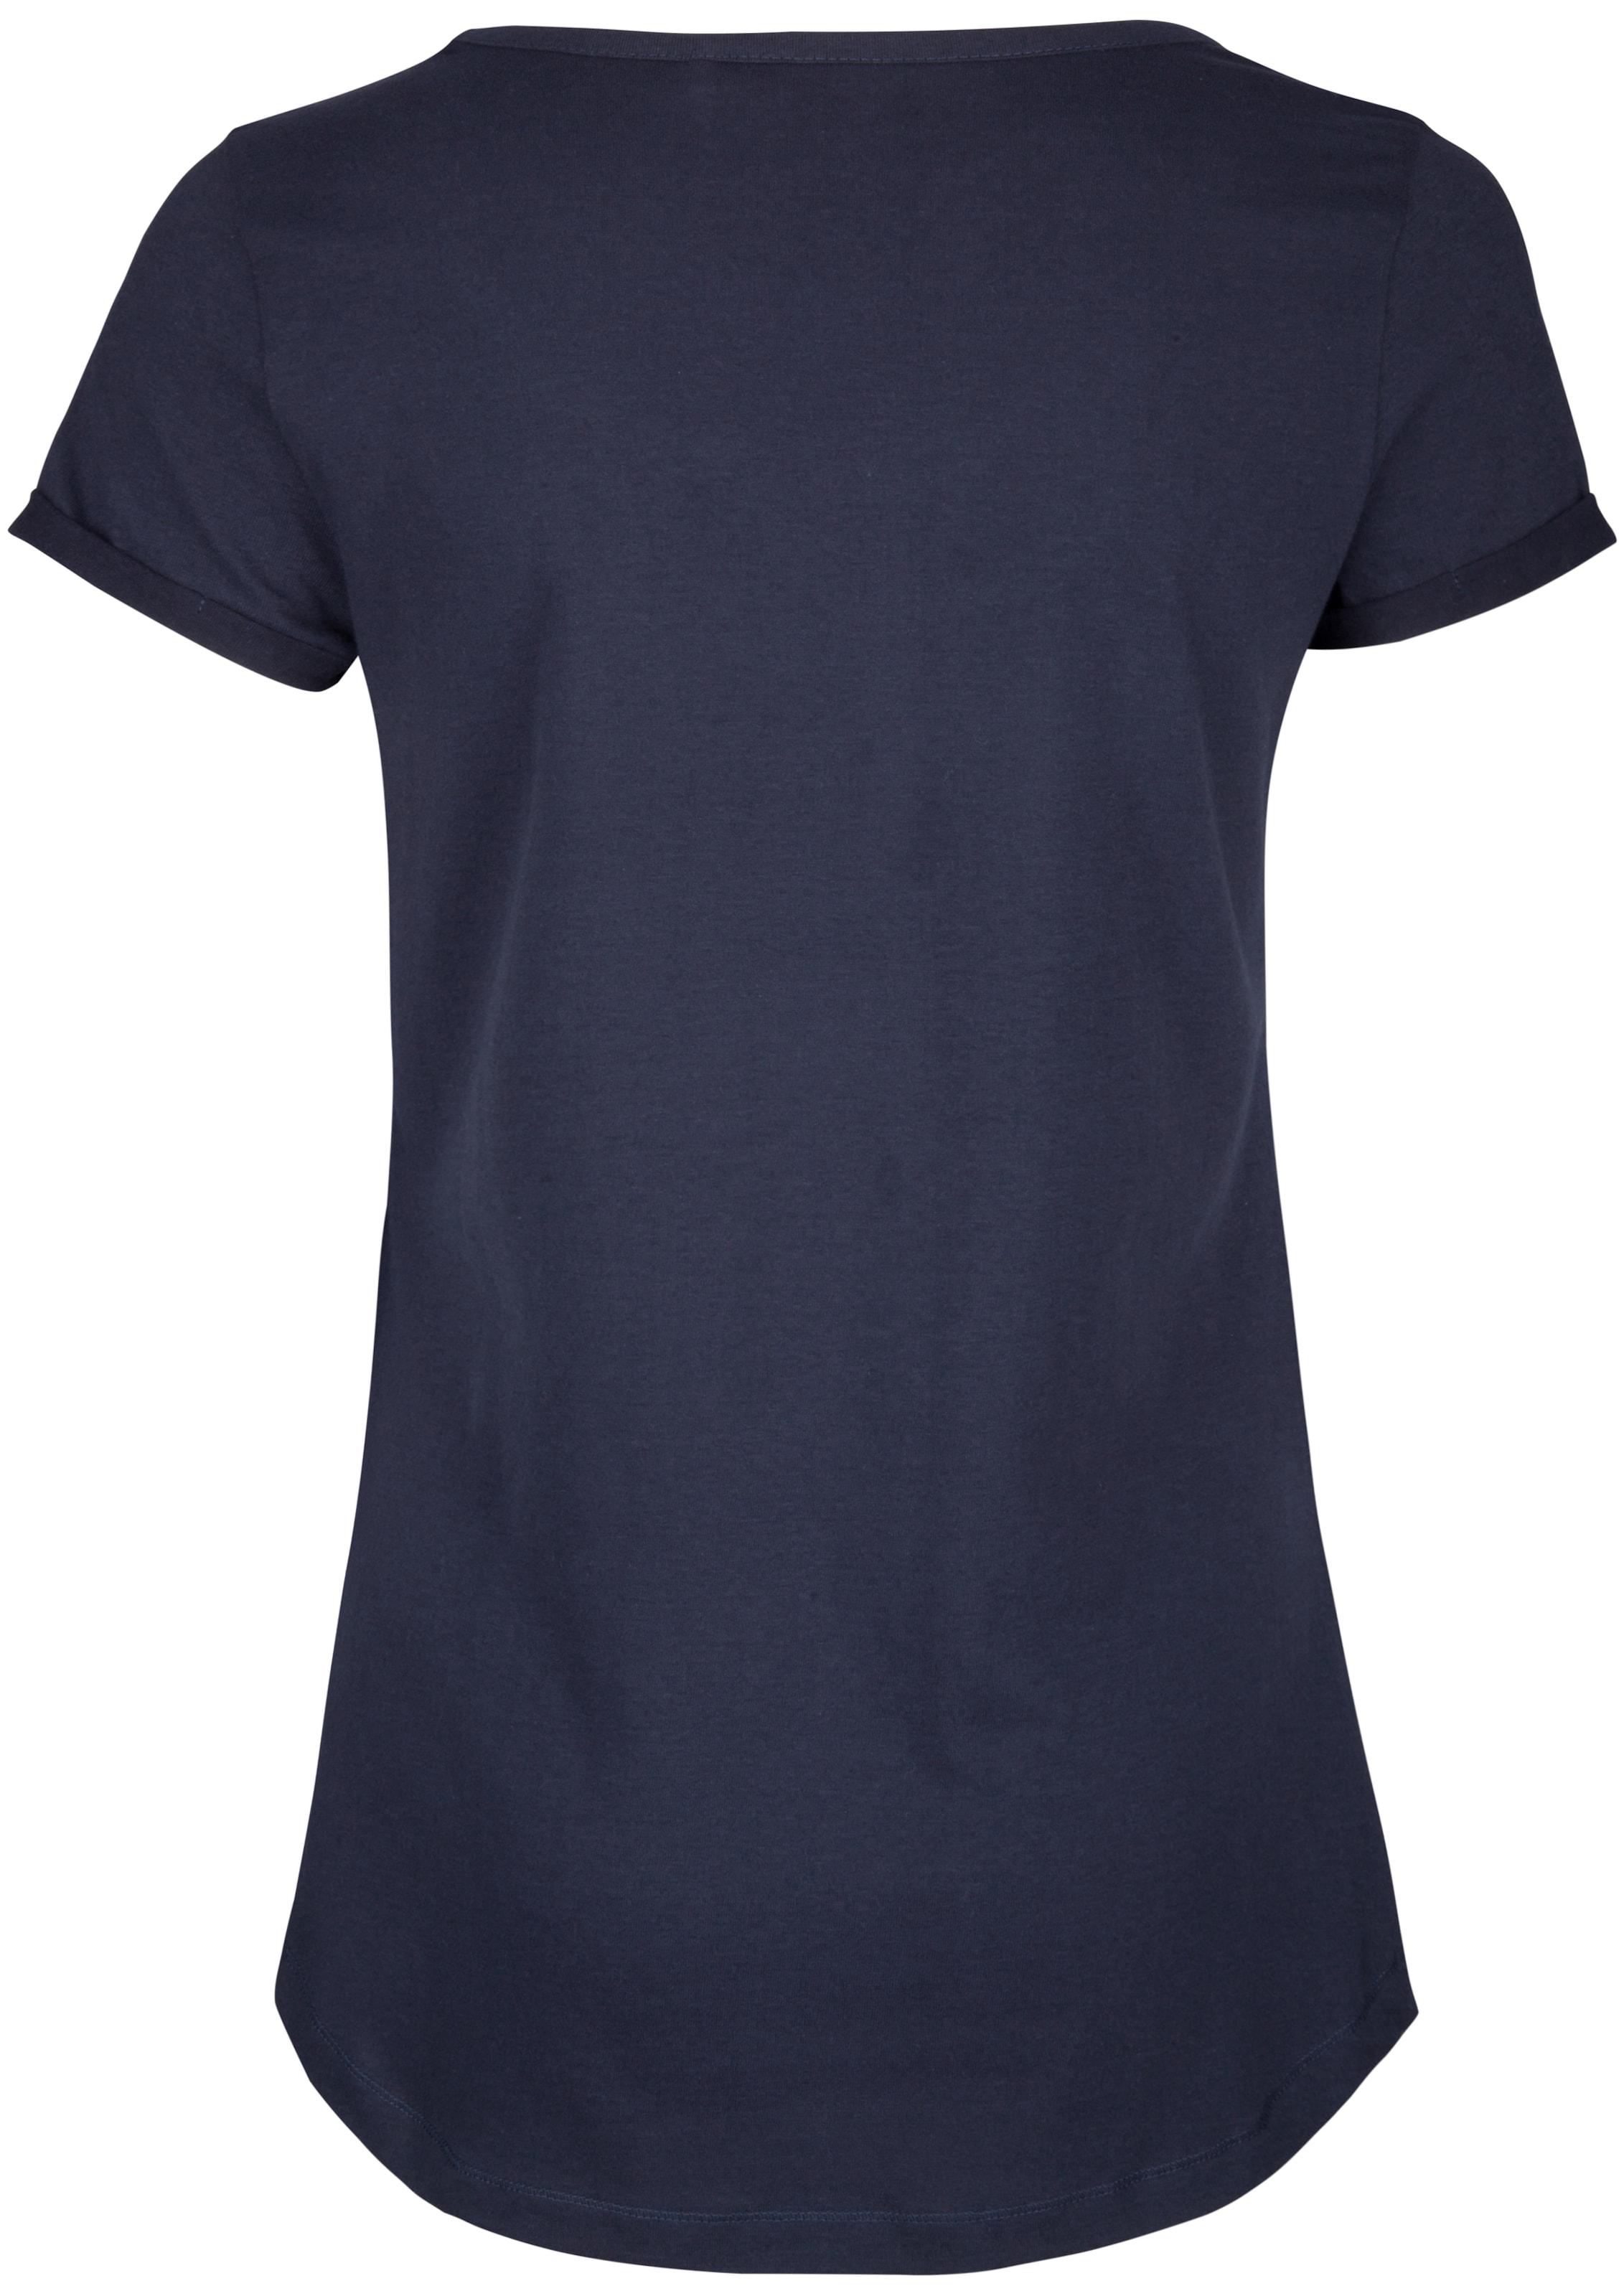 Shirt Shirt Blauw In In Dreimaster Dreimaster Blauw EW9Y2IDH